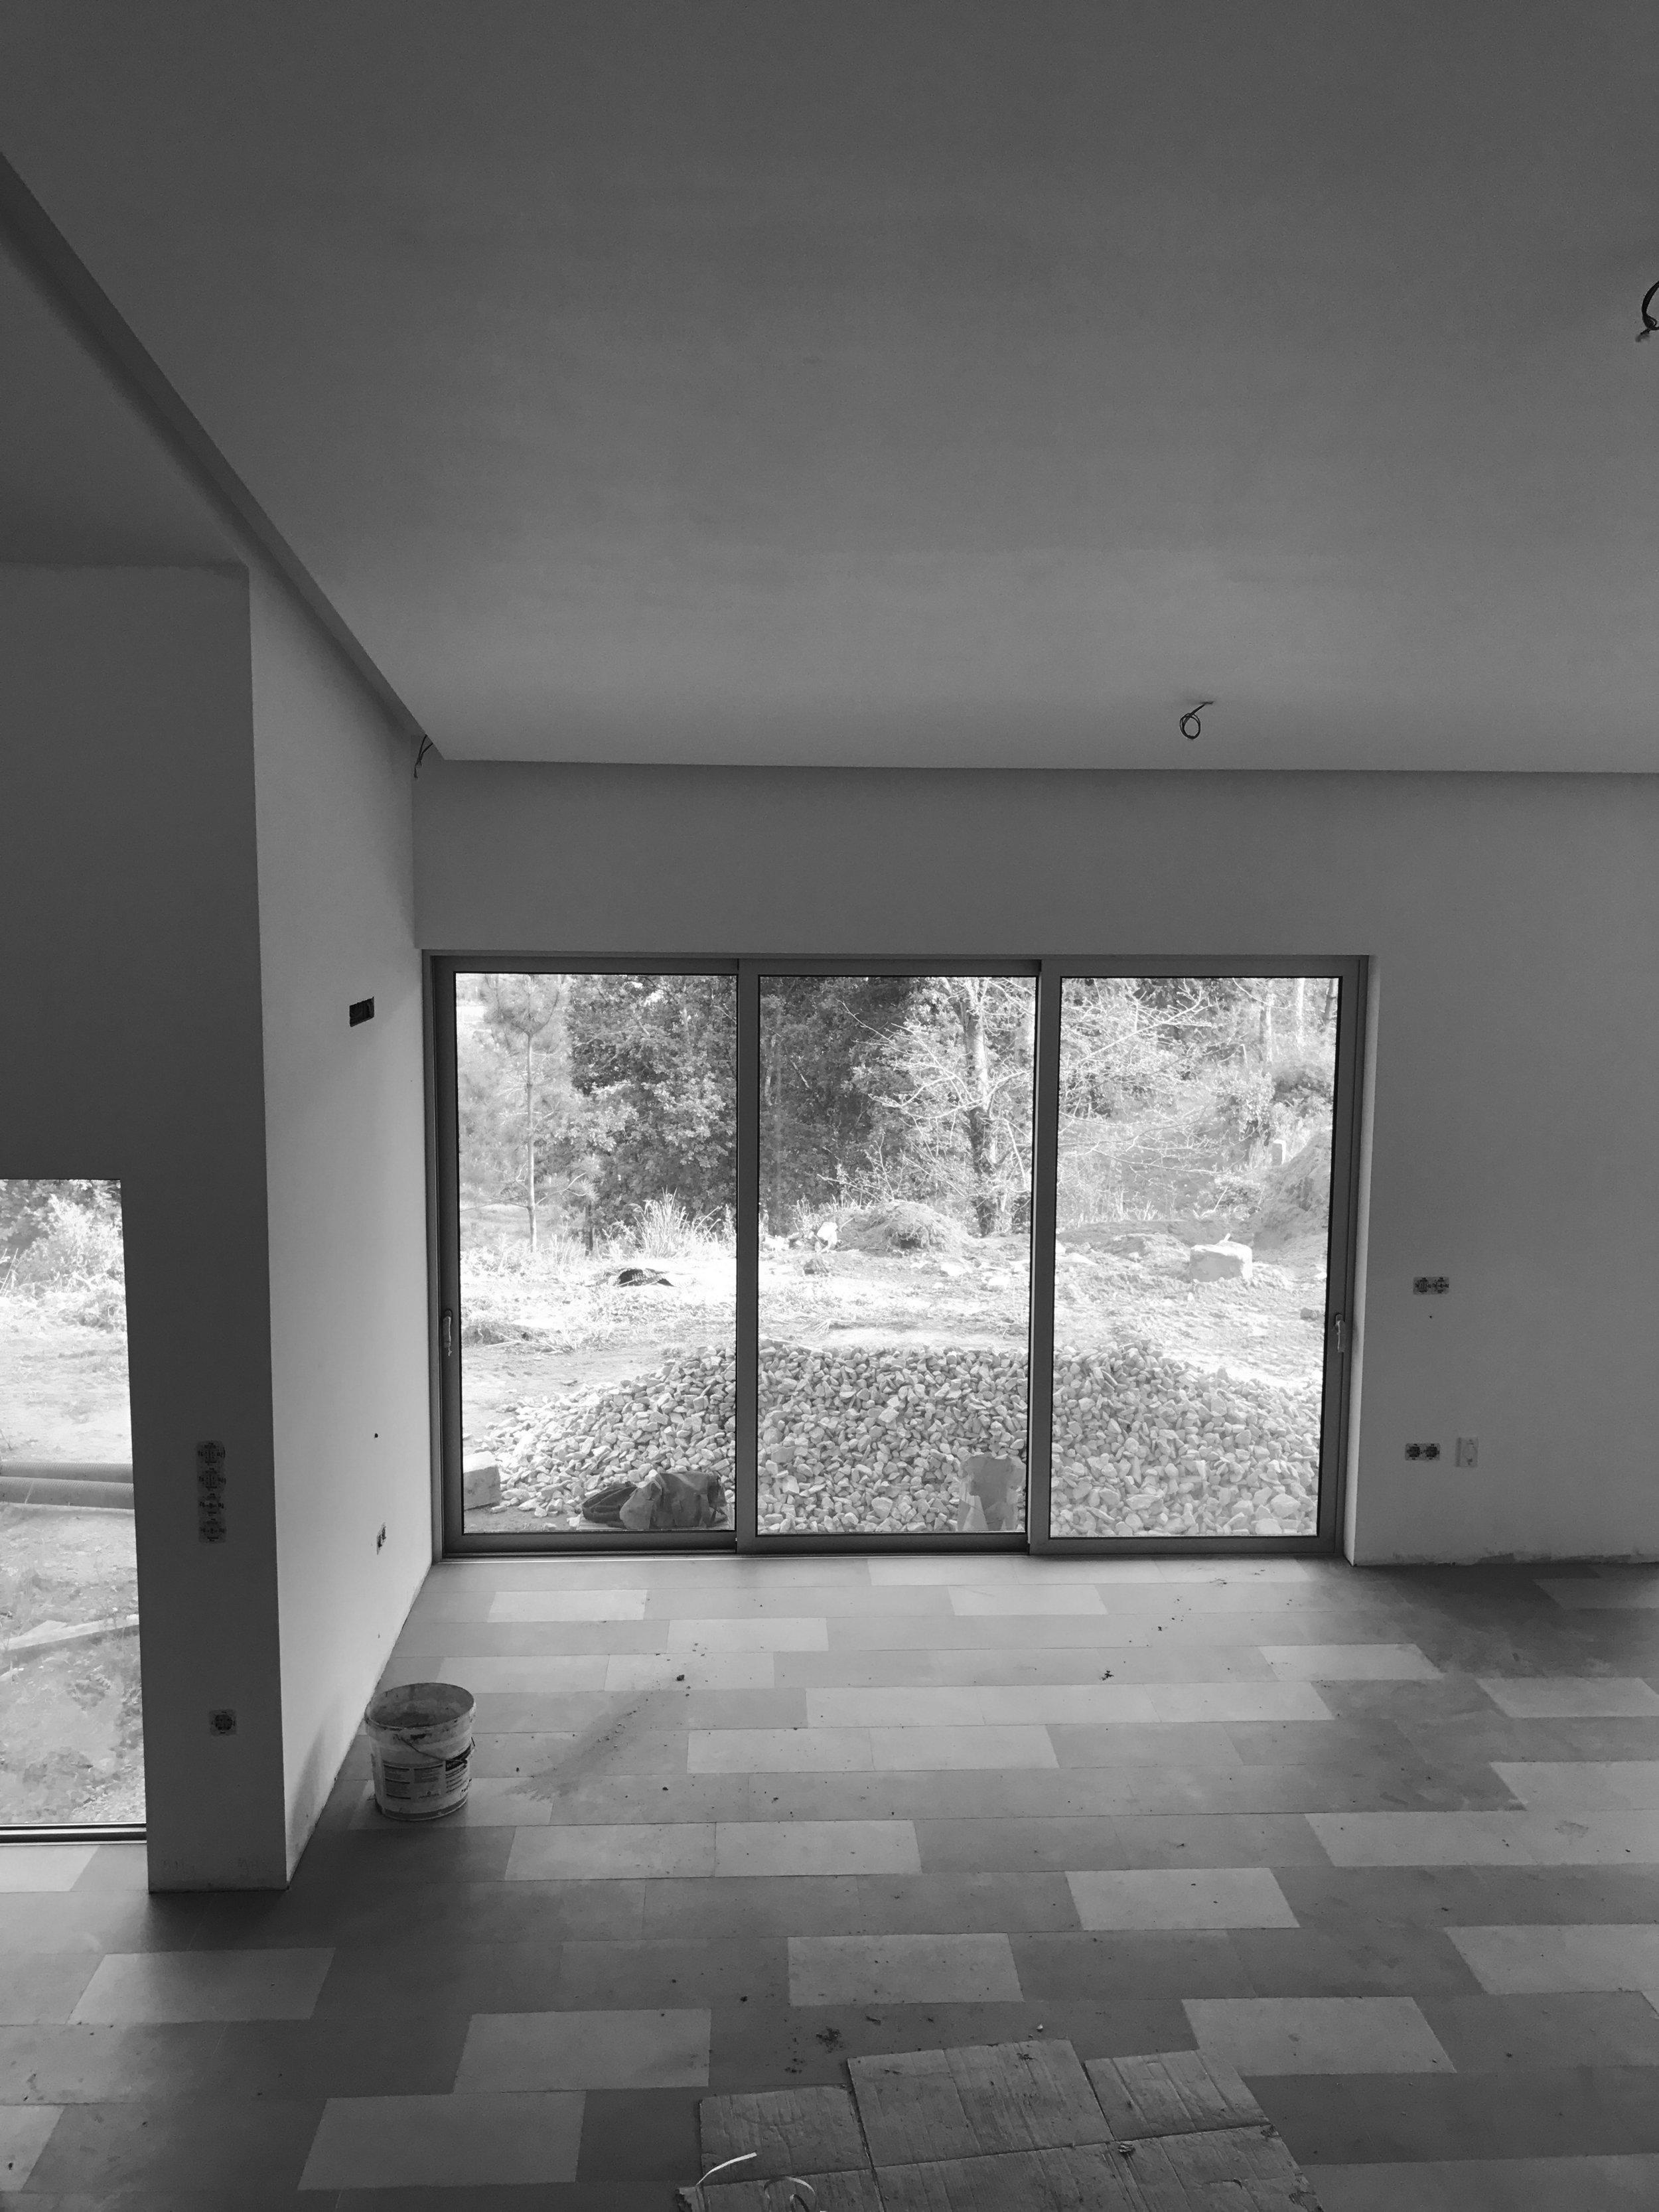 Moradia S+N - arquitectura - arquitectos - porto - oliveira de azemeis - construção - projecto - eva evolutionary architecture (34).jpg